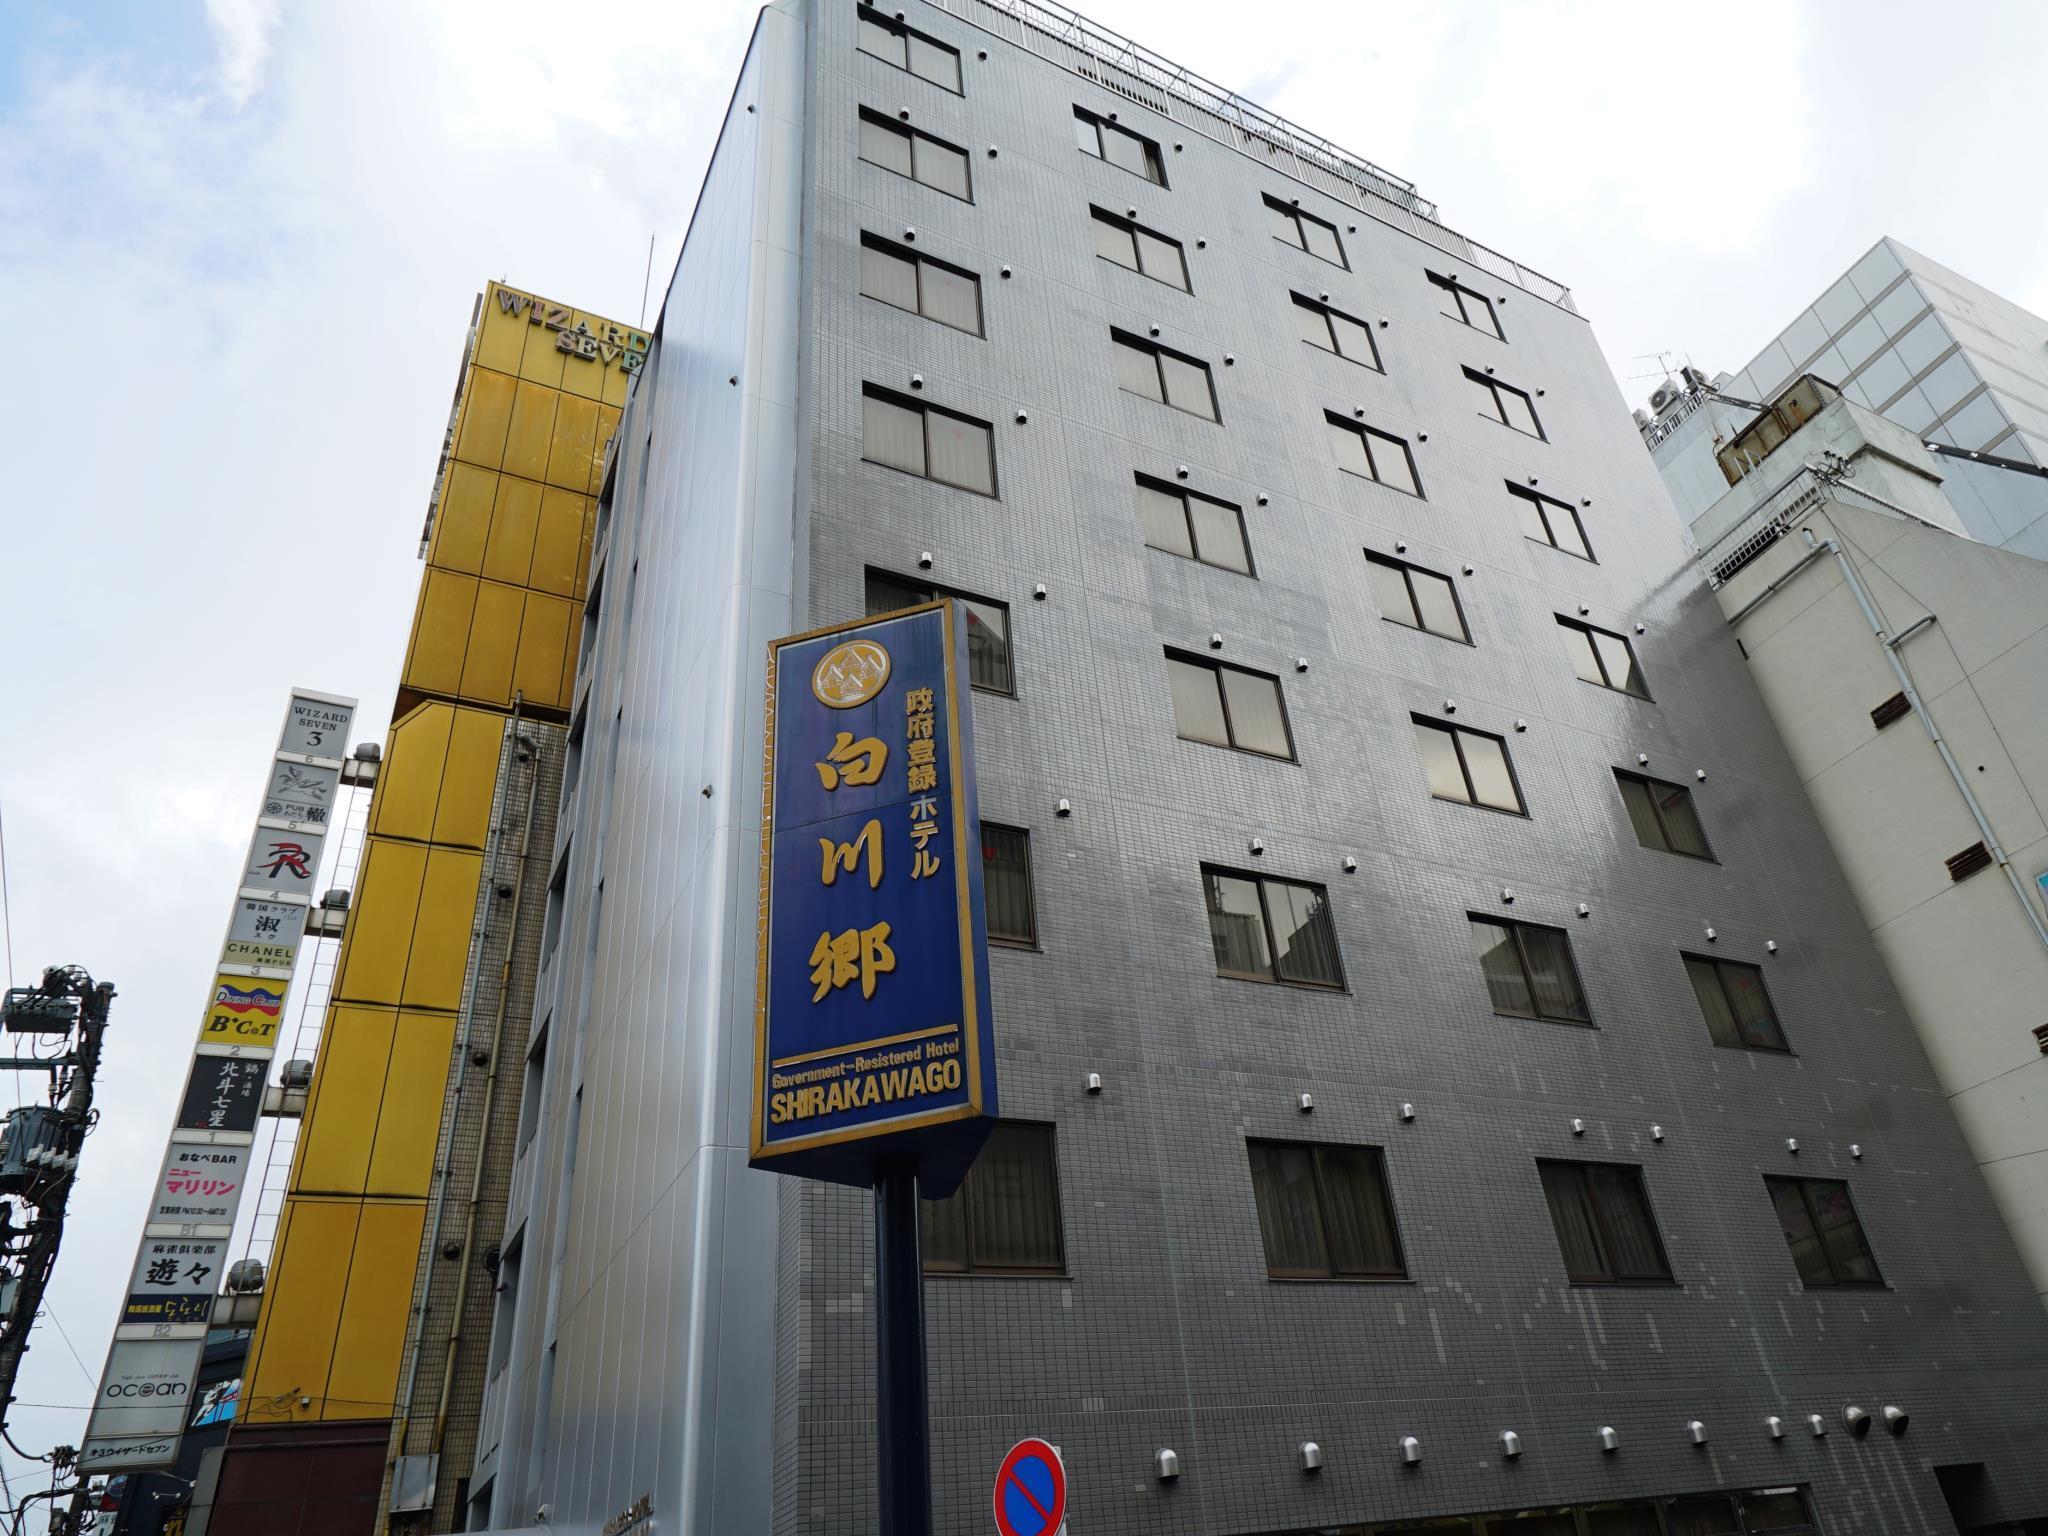 Hotel Shirakawago In Shinjuku Tokyo